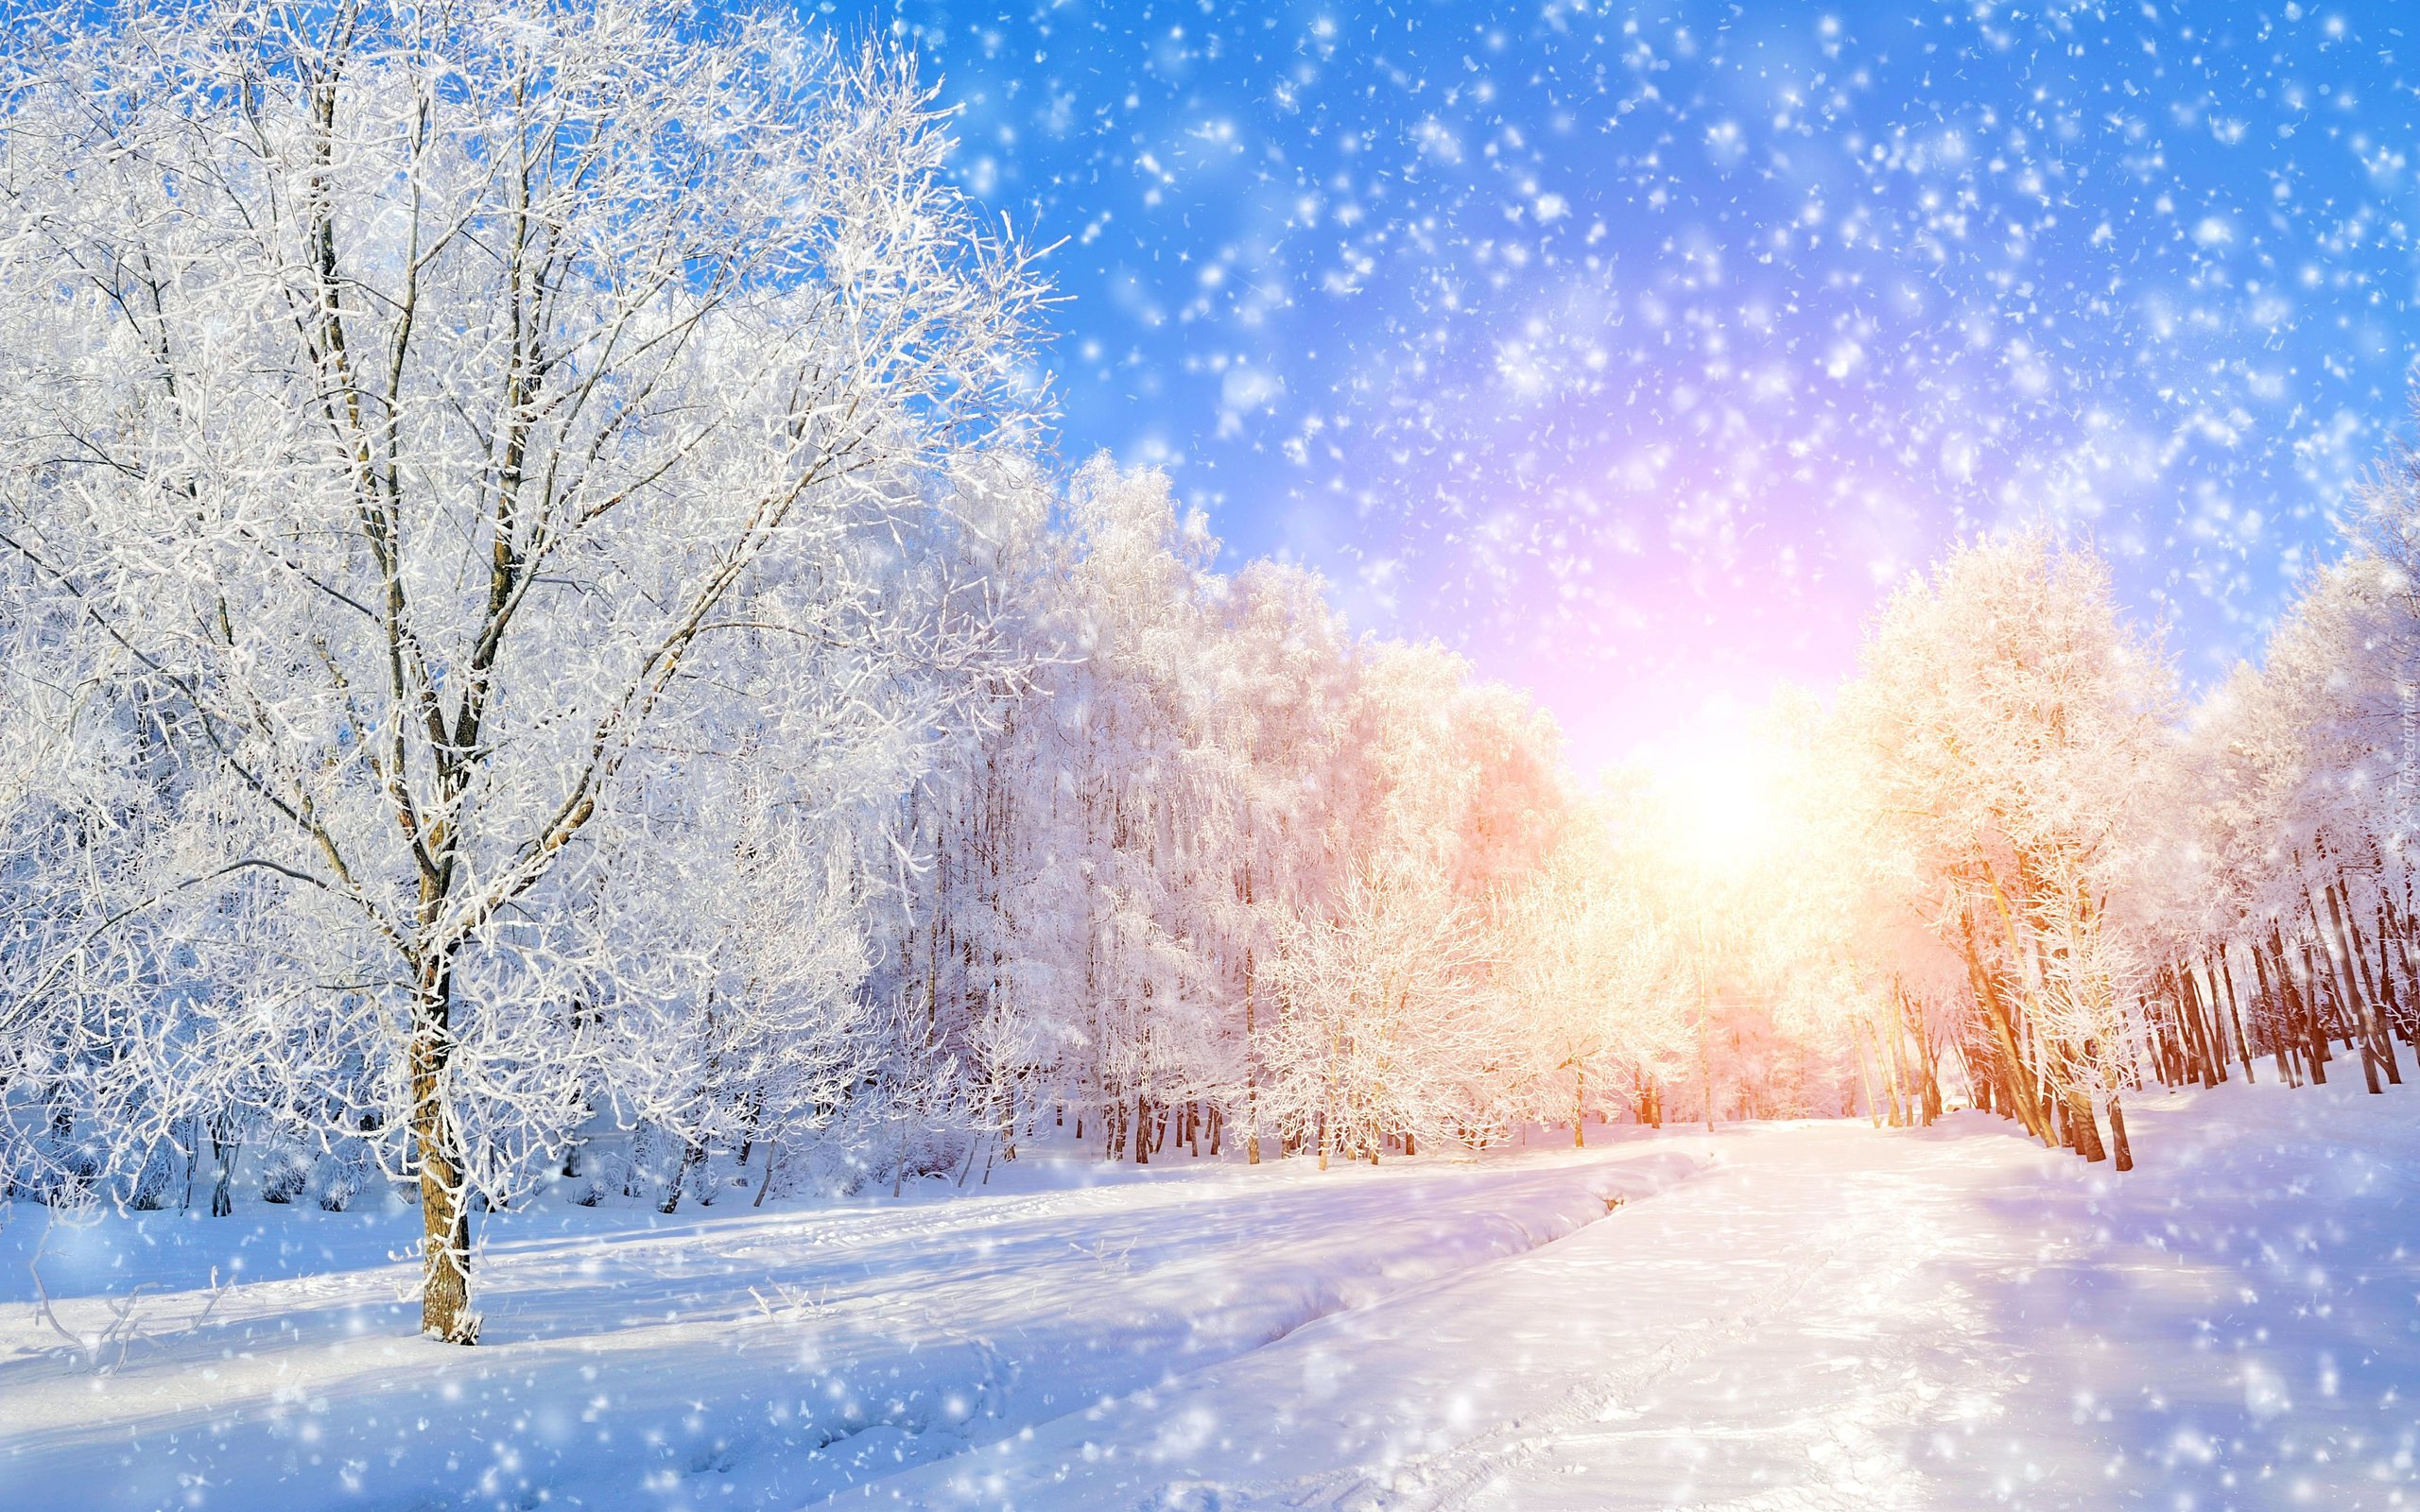 Wallpapers e sfondi paesaggi invernali con neve sfondi for Pavan arredamenti biancade